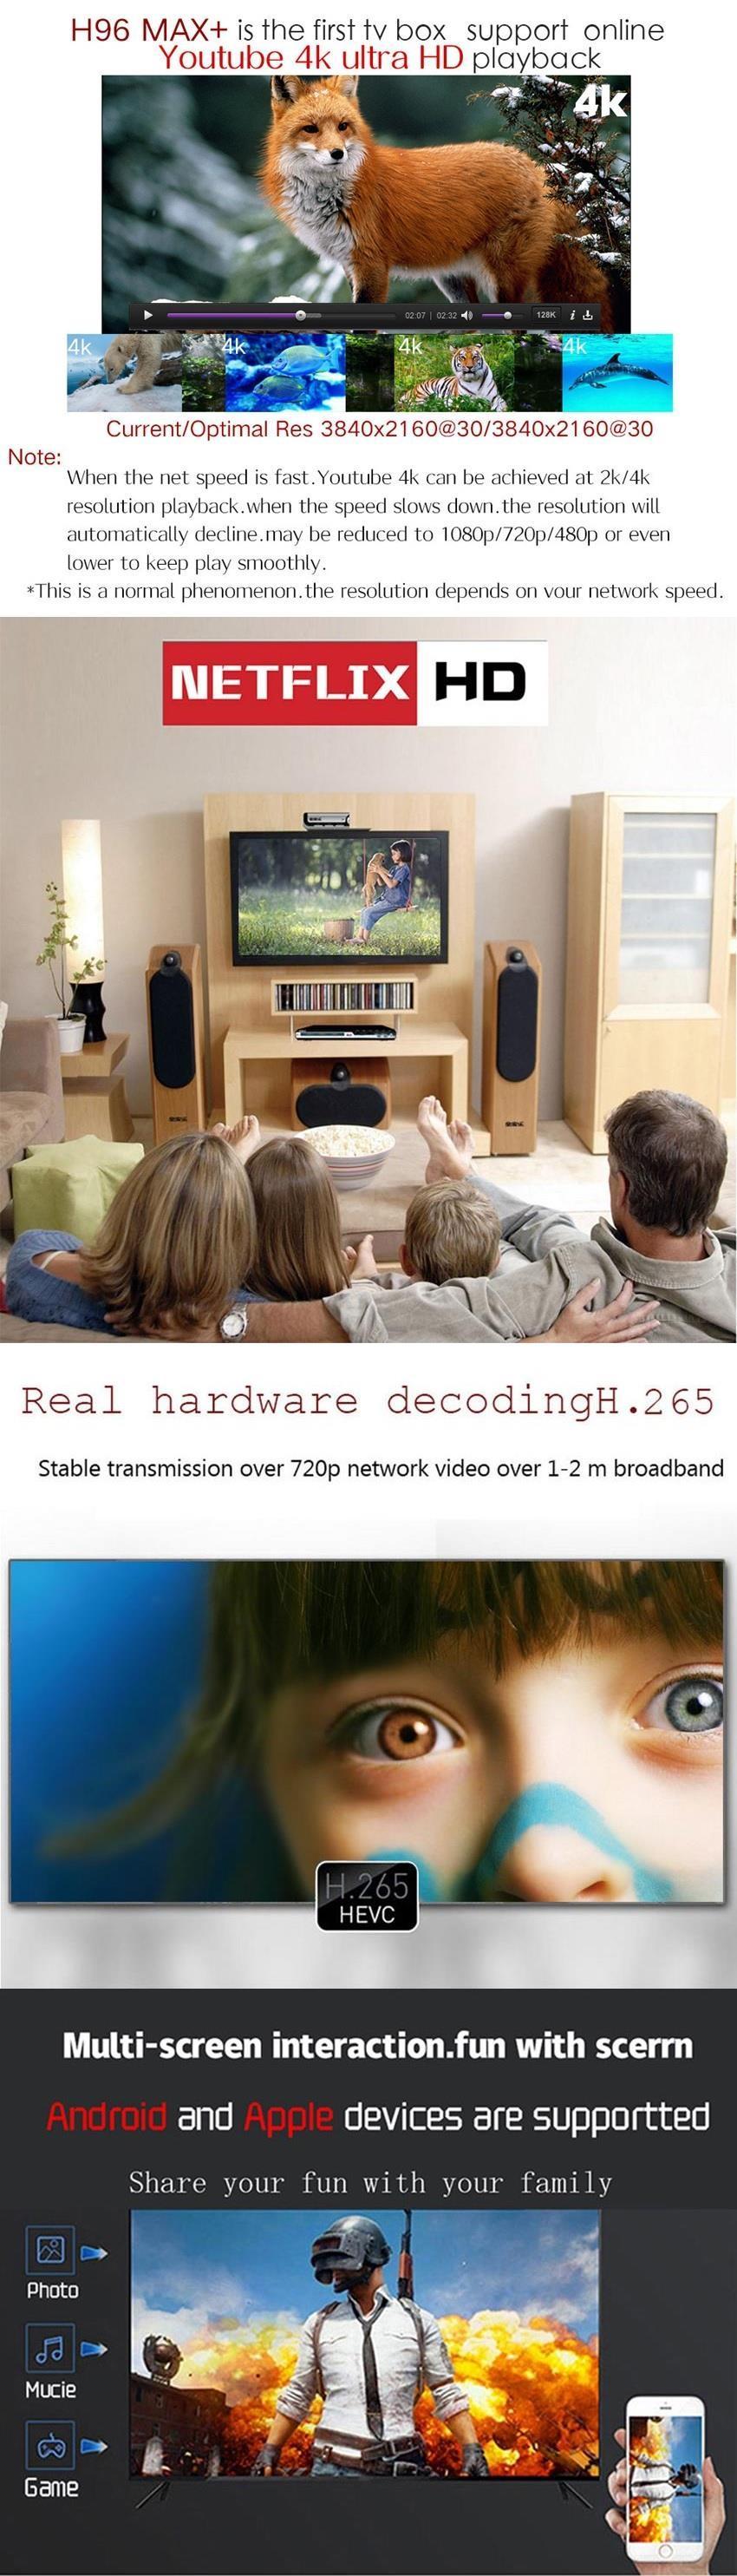 H96 MAX Plus Android 8 RK3328 Quad-Core 4+64GB TV Box / IPTV / 4K